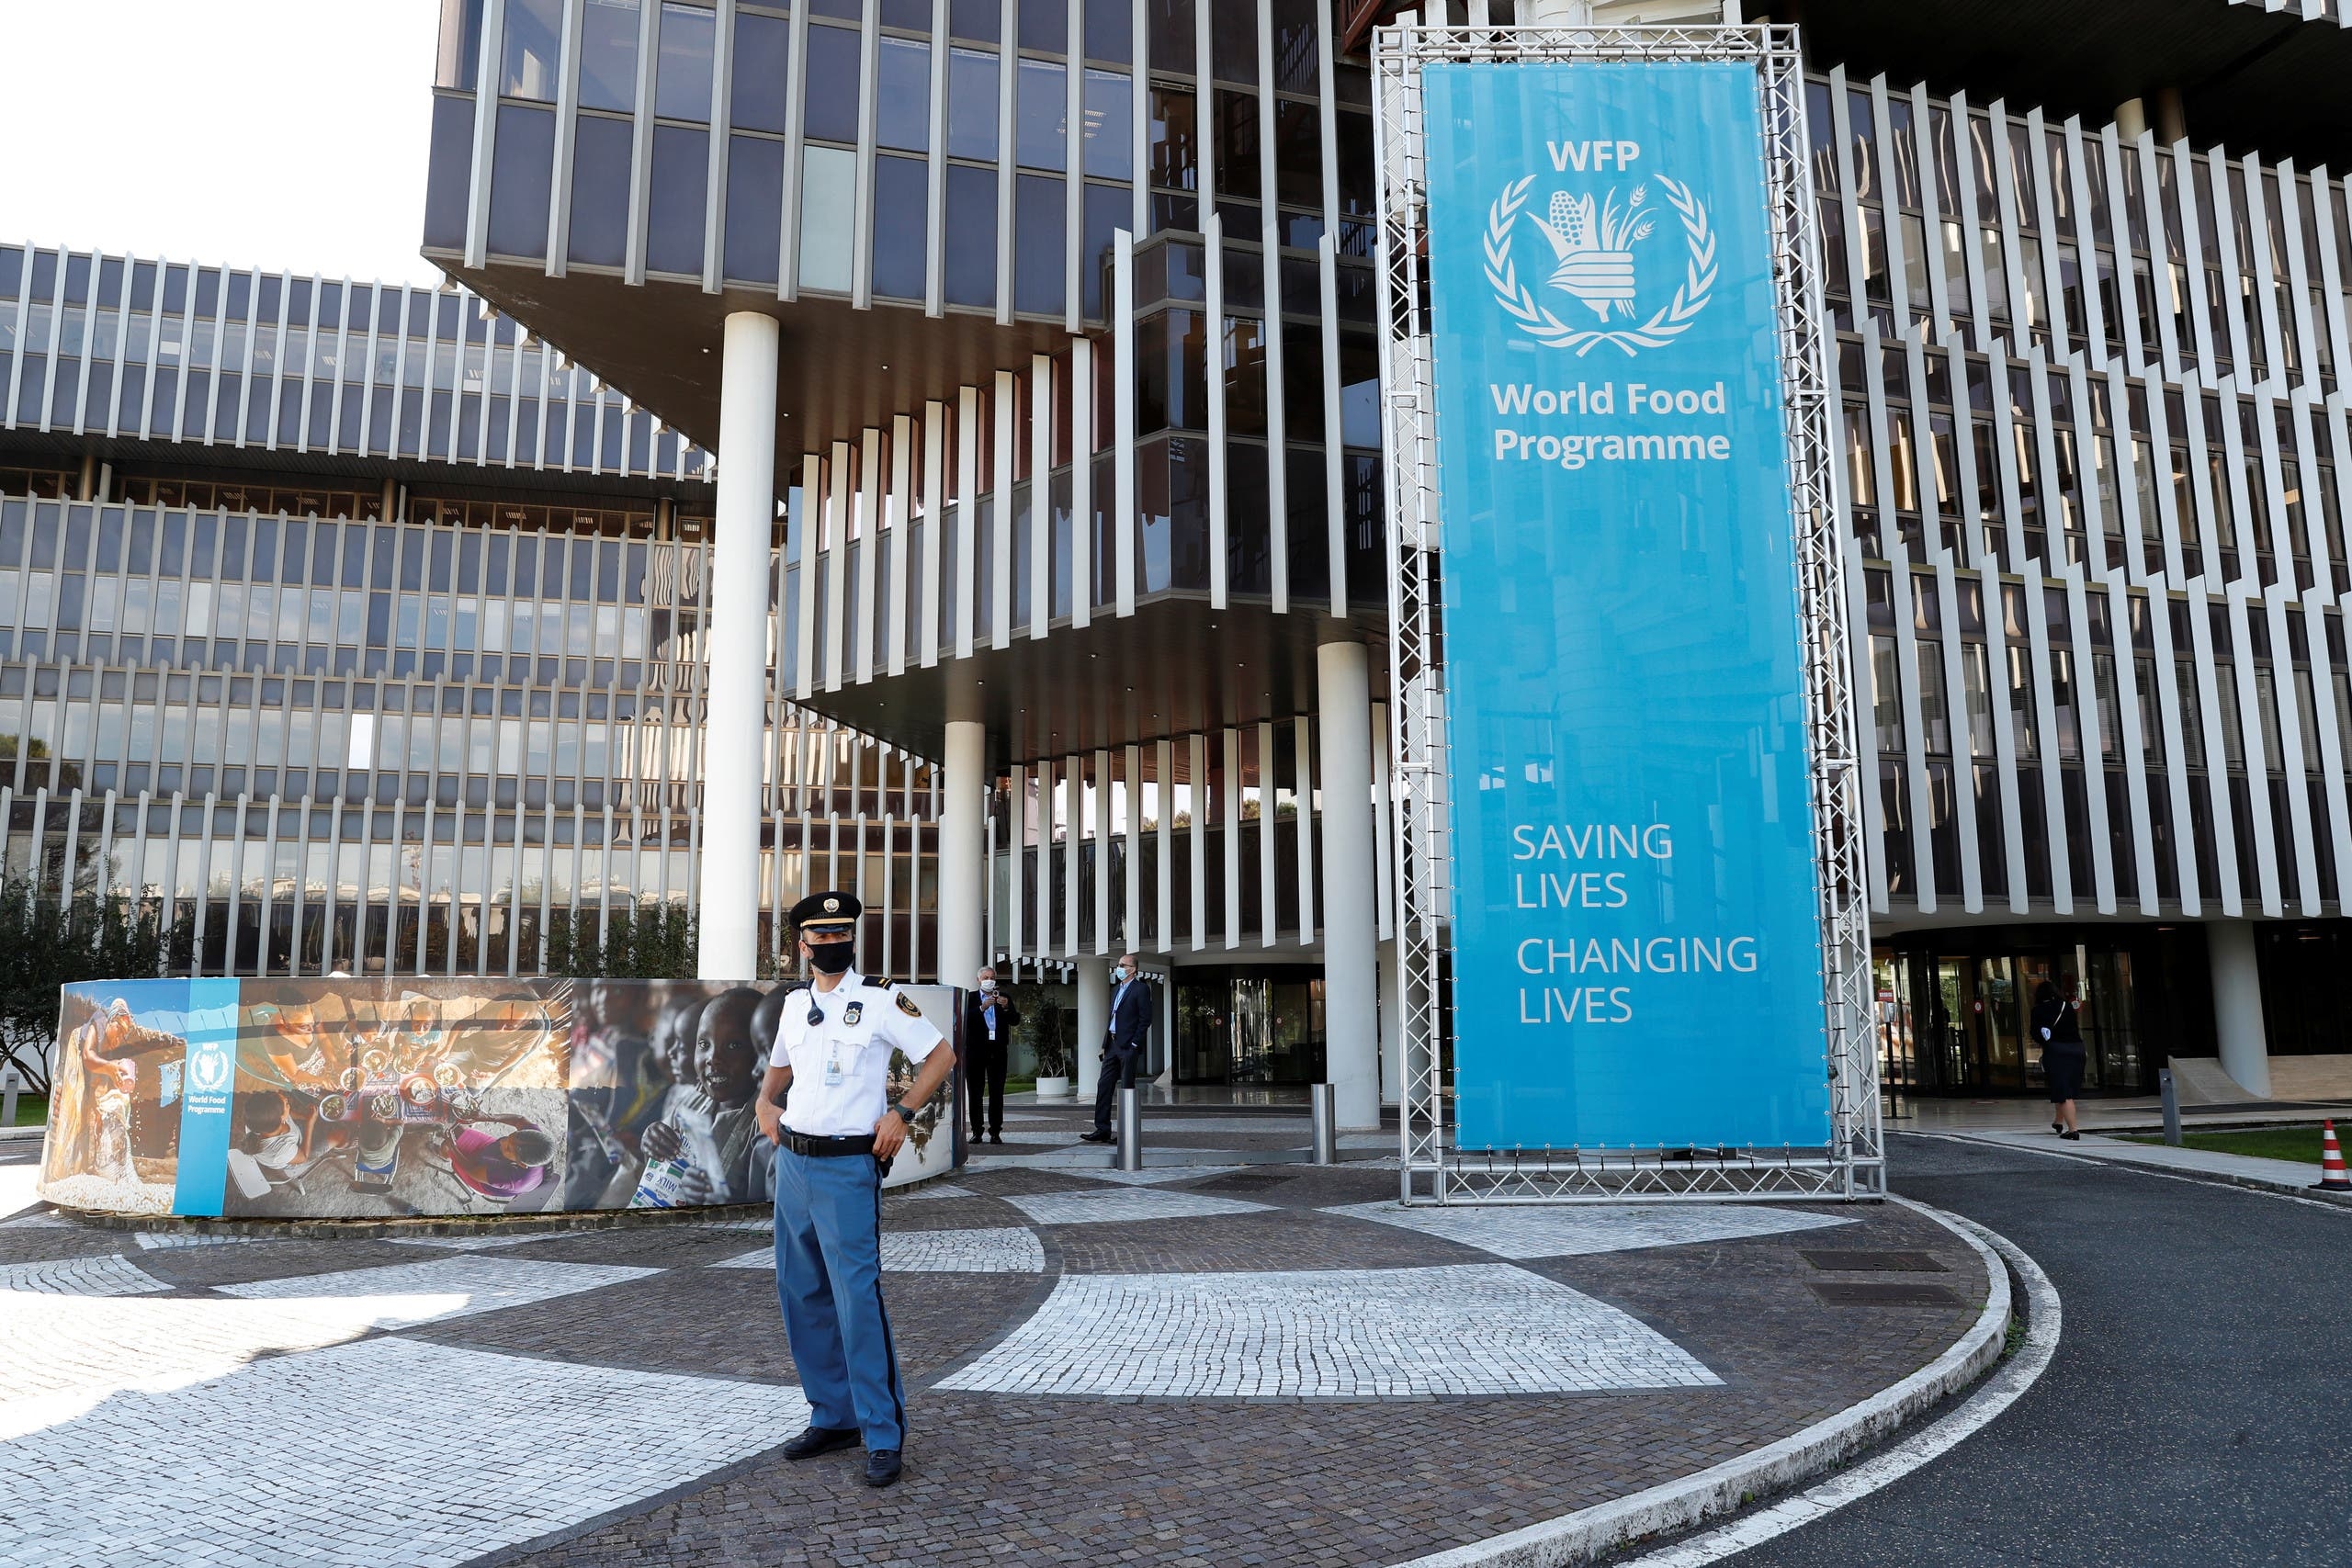 مبنى وكالة برنامج الغذاء العالمي